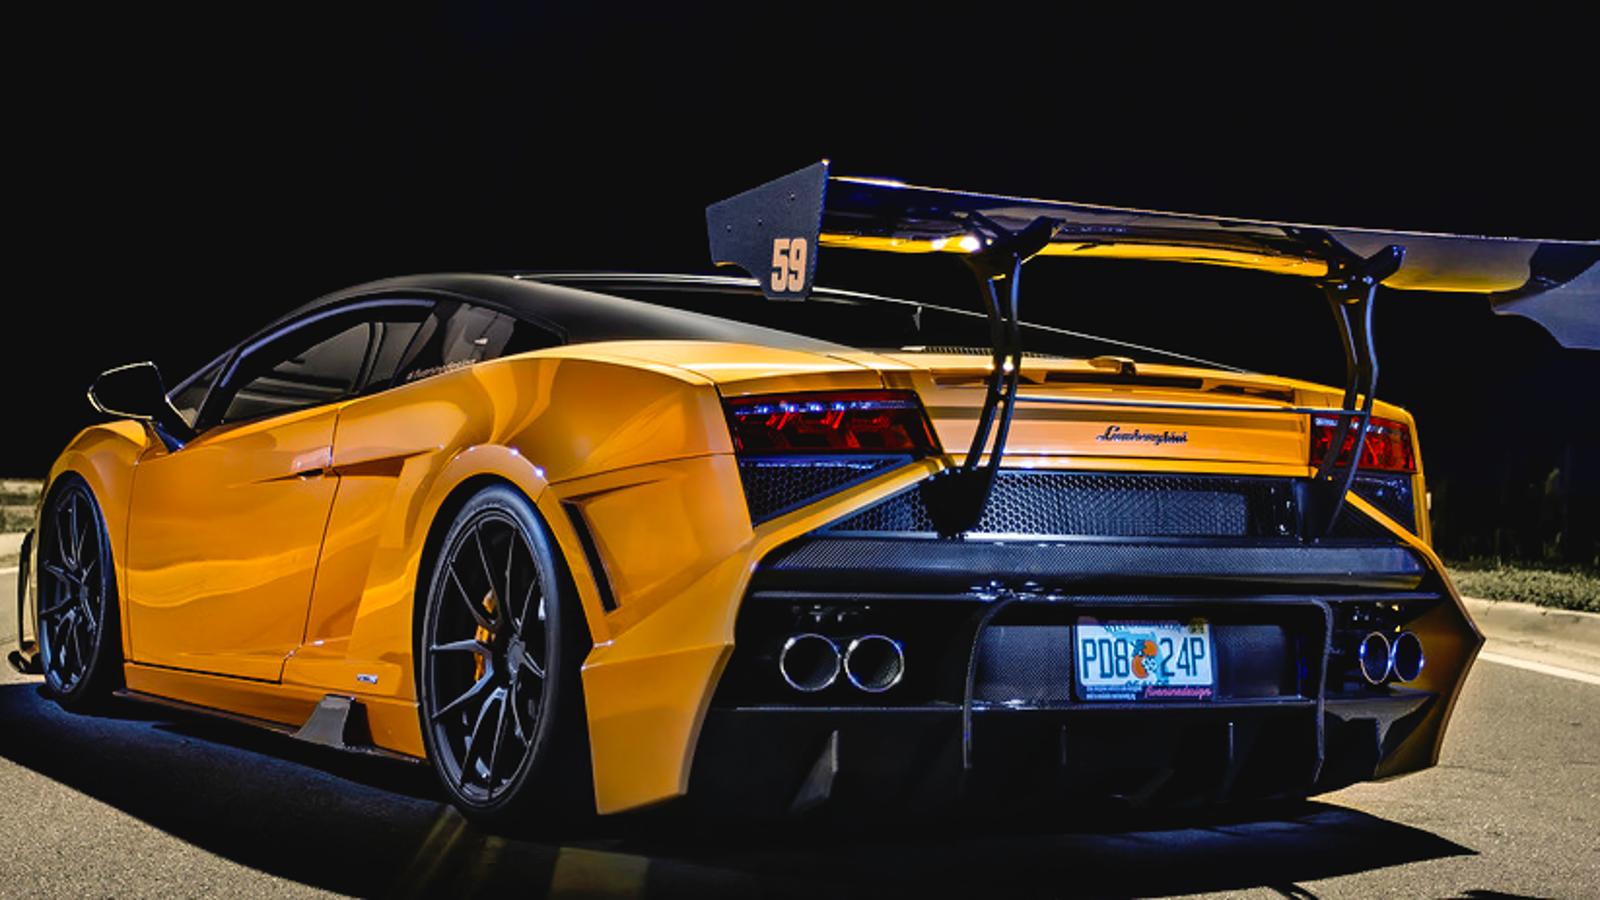 This Lamborghini Gallardo Looks Freaking Amazing Fight Me